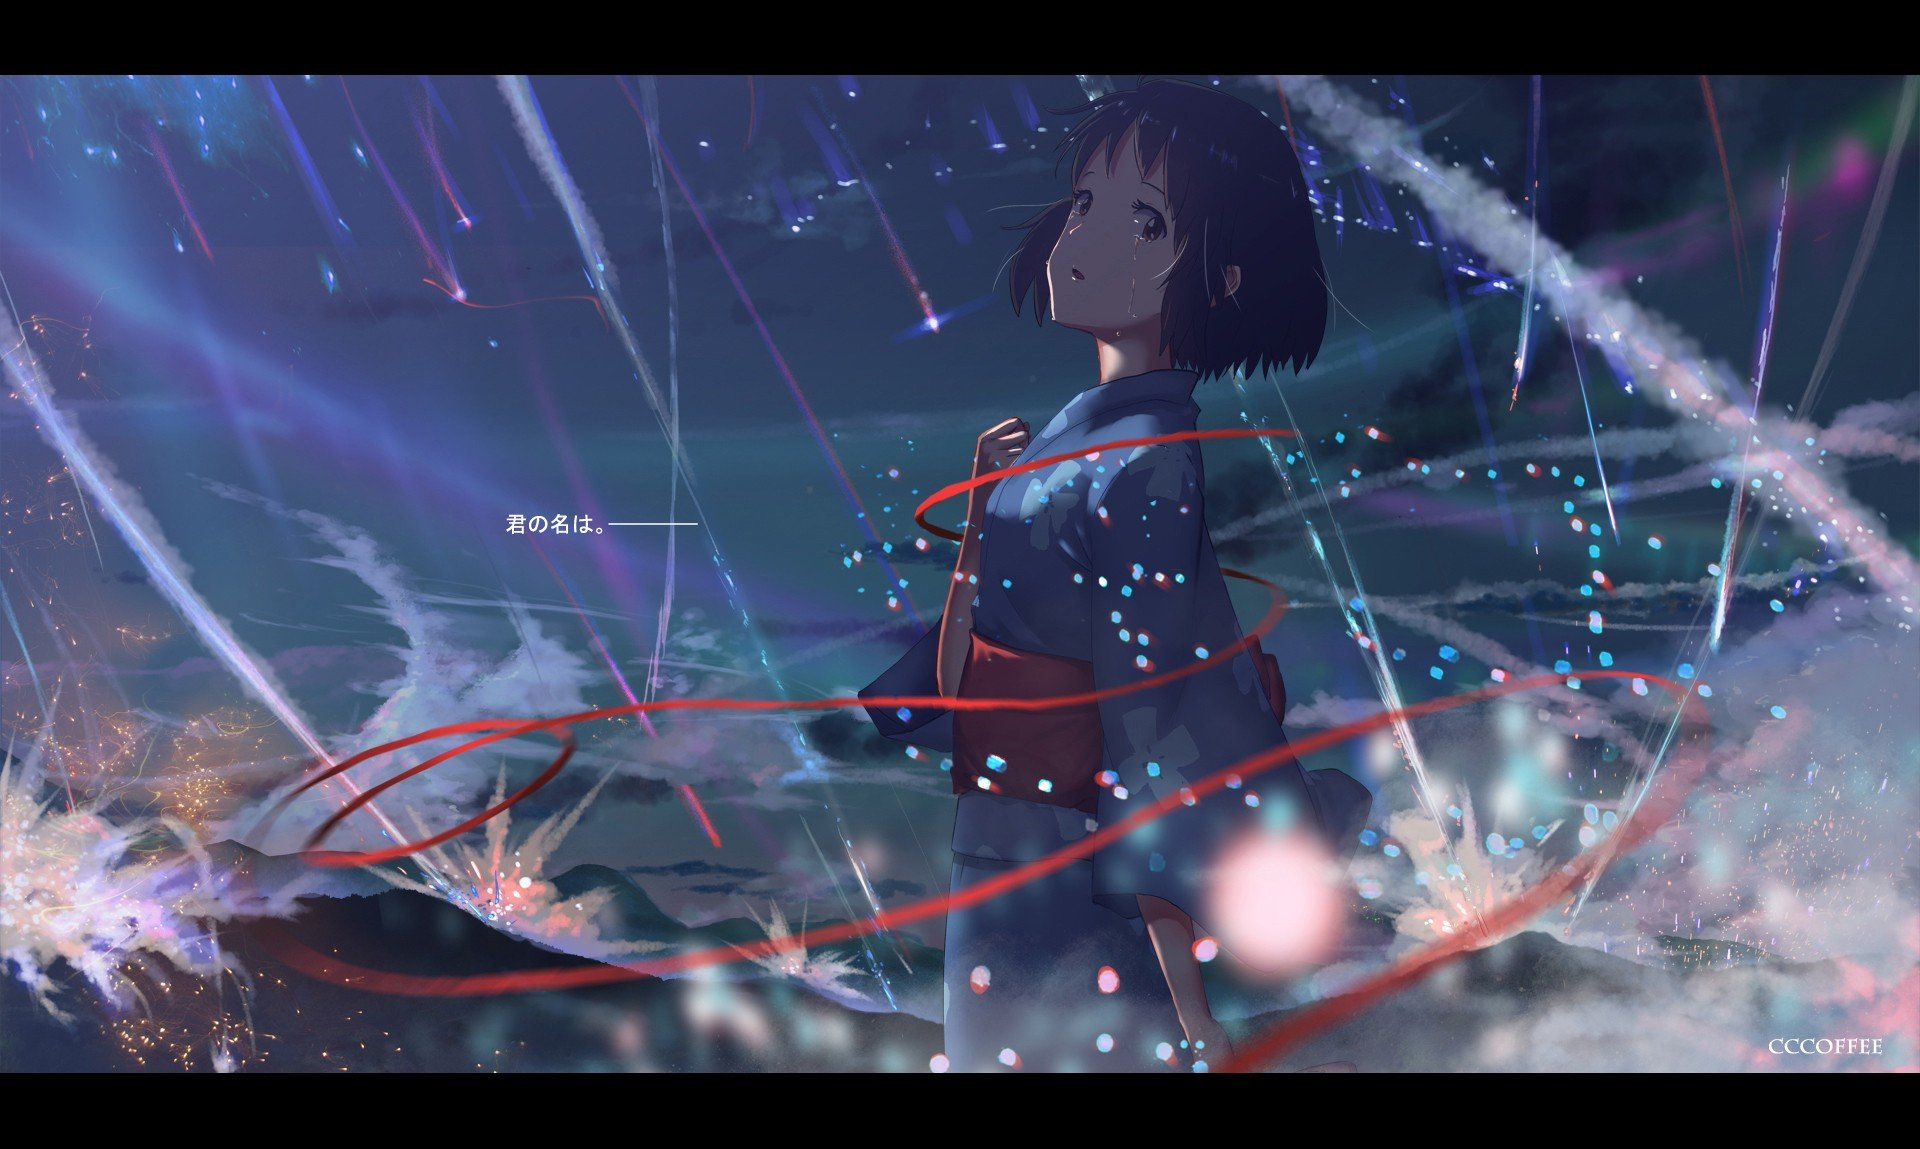 Short hair anime anime girls your name miyamizu - Wallpaper hd 1920x1080 anime ...